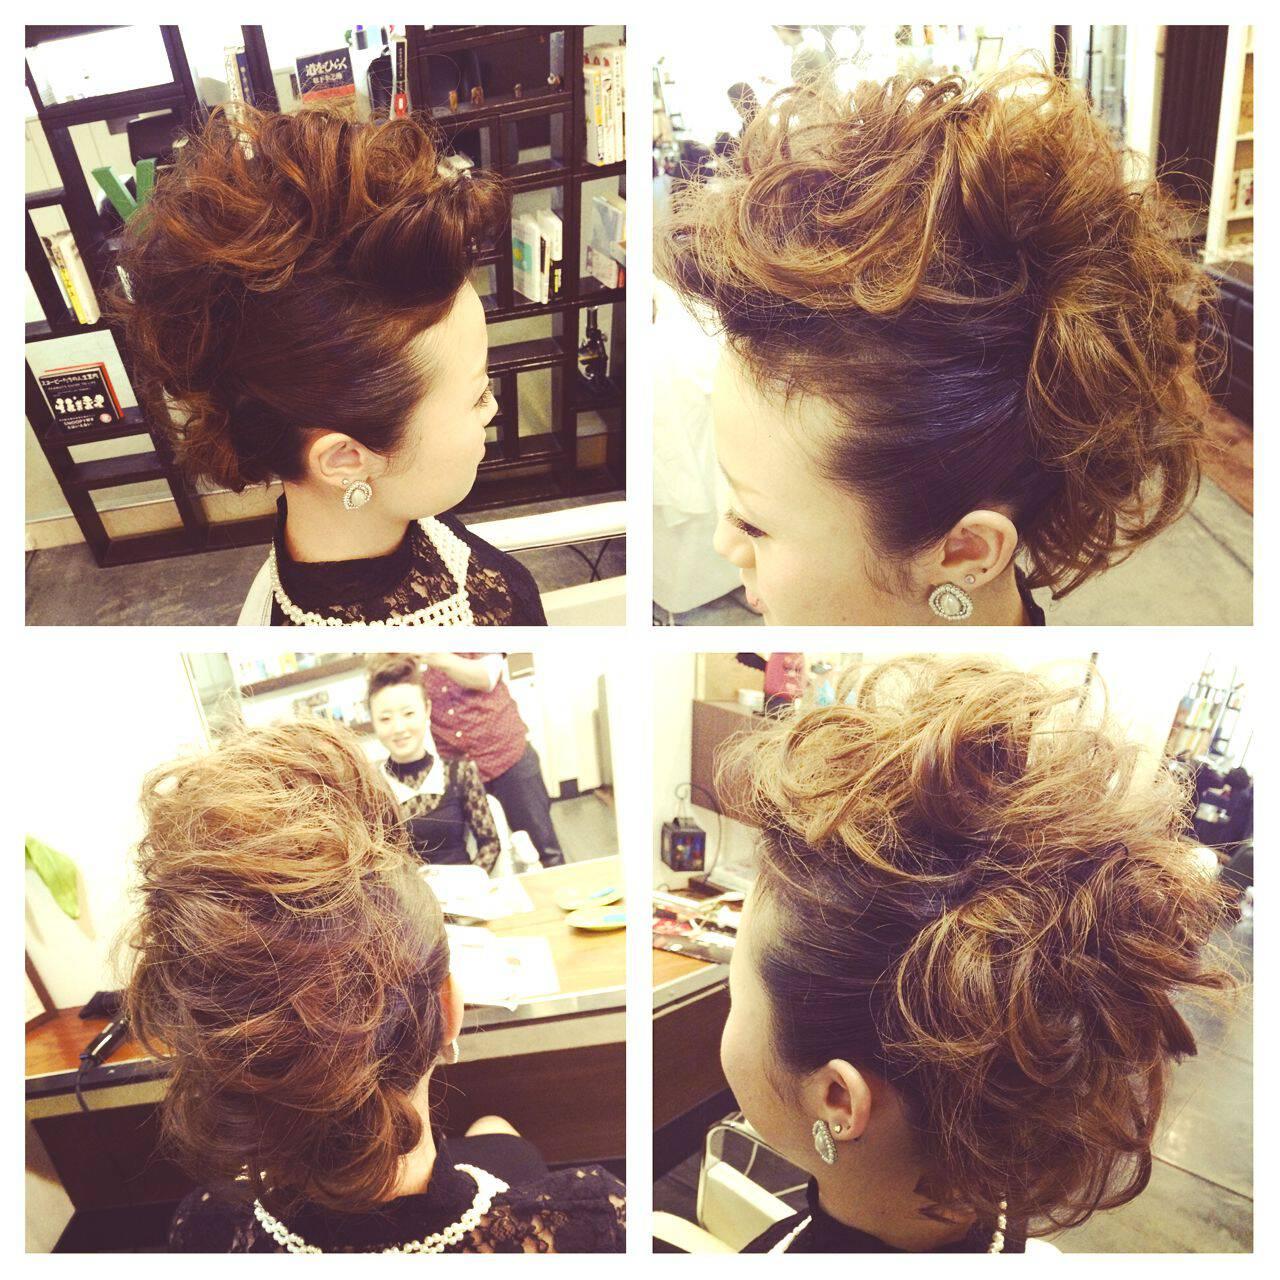 アップスタイル ヘアアレンジ コンサバ パーティヘアスタイルや髪型の写真・画像